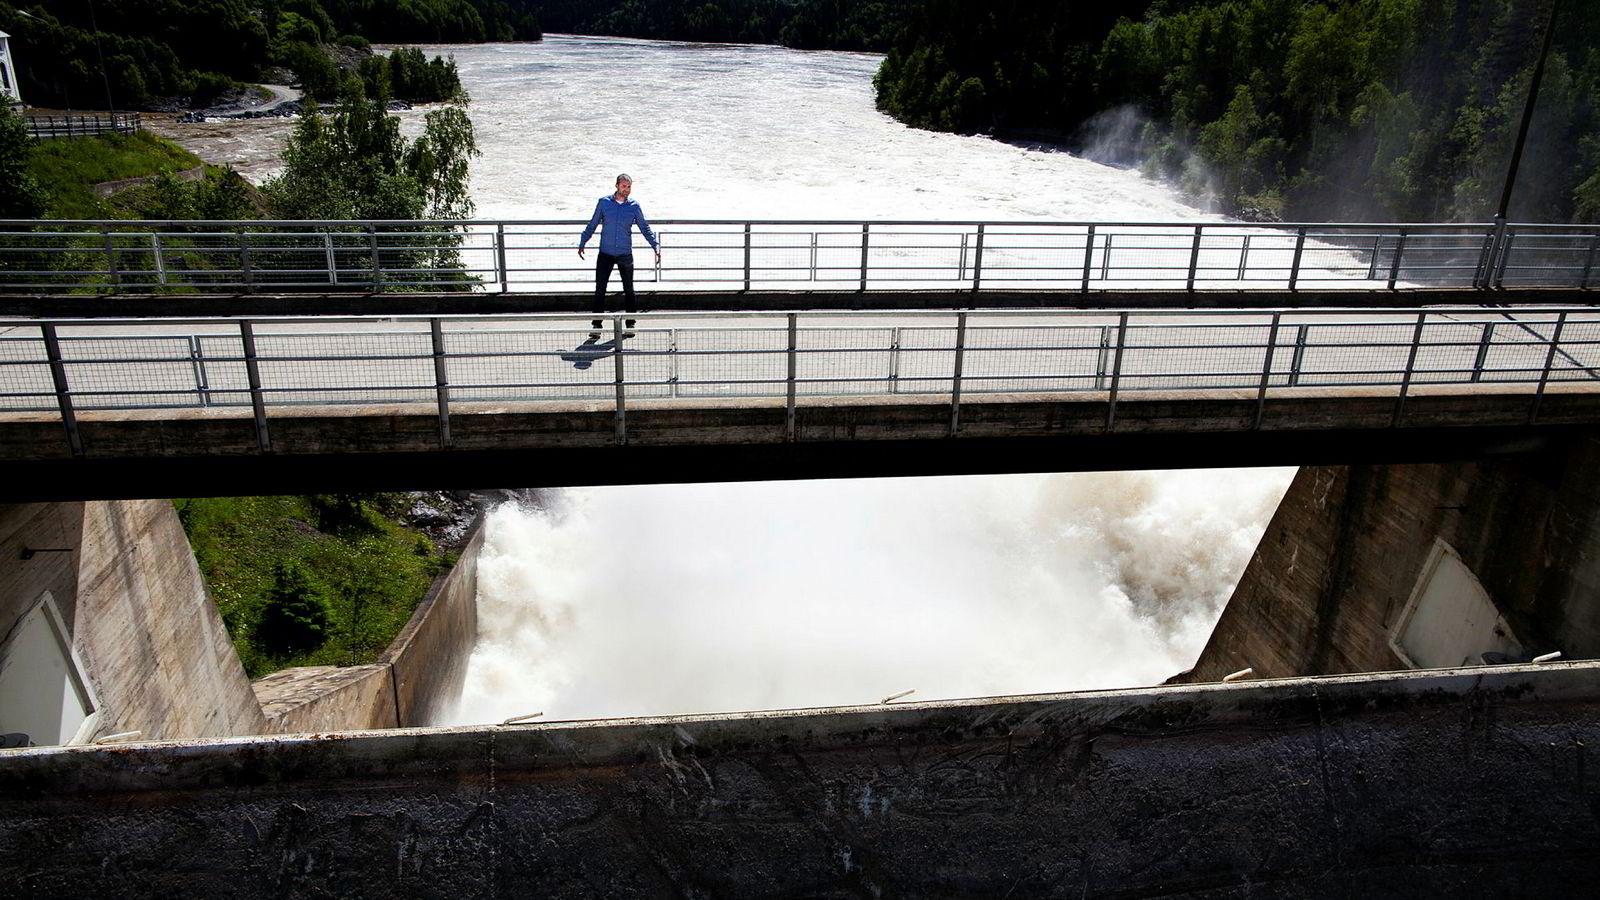 Hensyntatt alderen på eksisterende kraftverk i dag, viser det at 15 til 20 prosent produksjonsøkning fortsatt kan hentes ut av det eksisterende vannkraftsystemet. Her fraa Kykkelsrud Fossumfoss kraftverk mellom Askim og Øyeren.